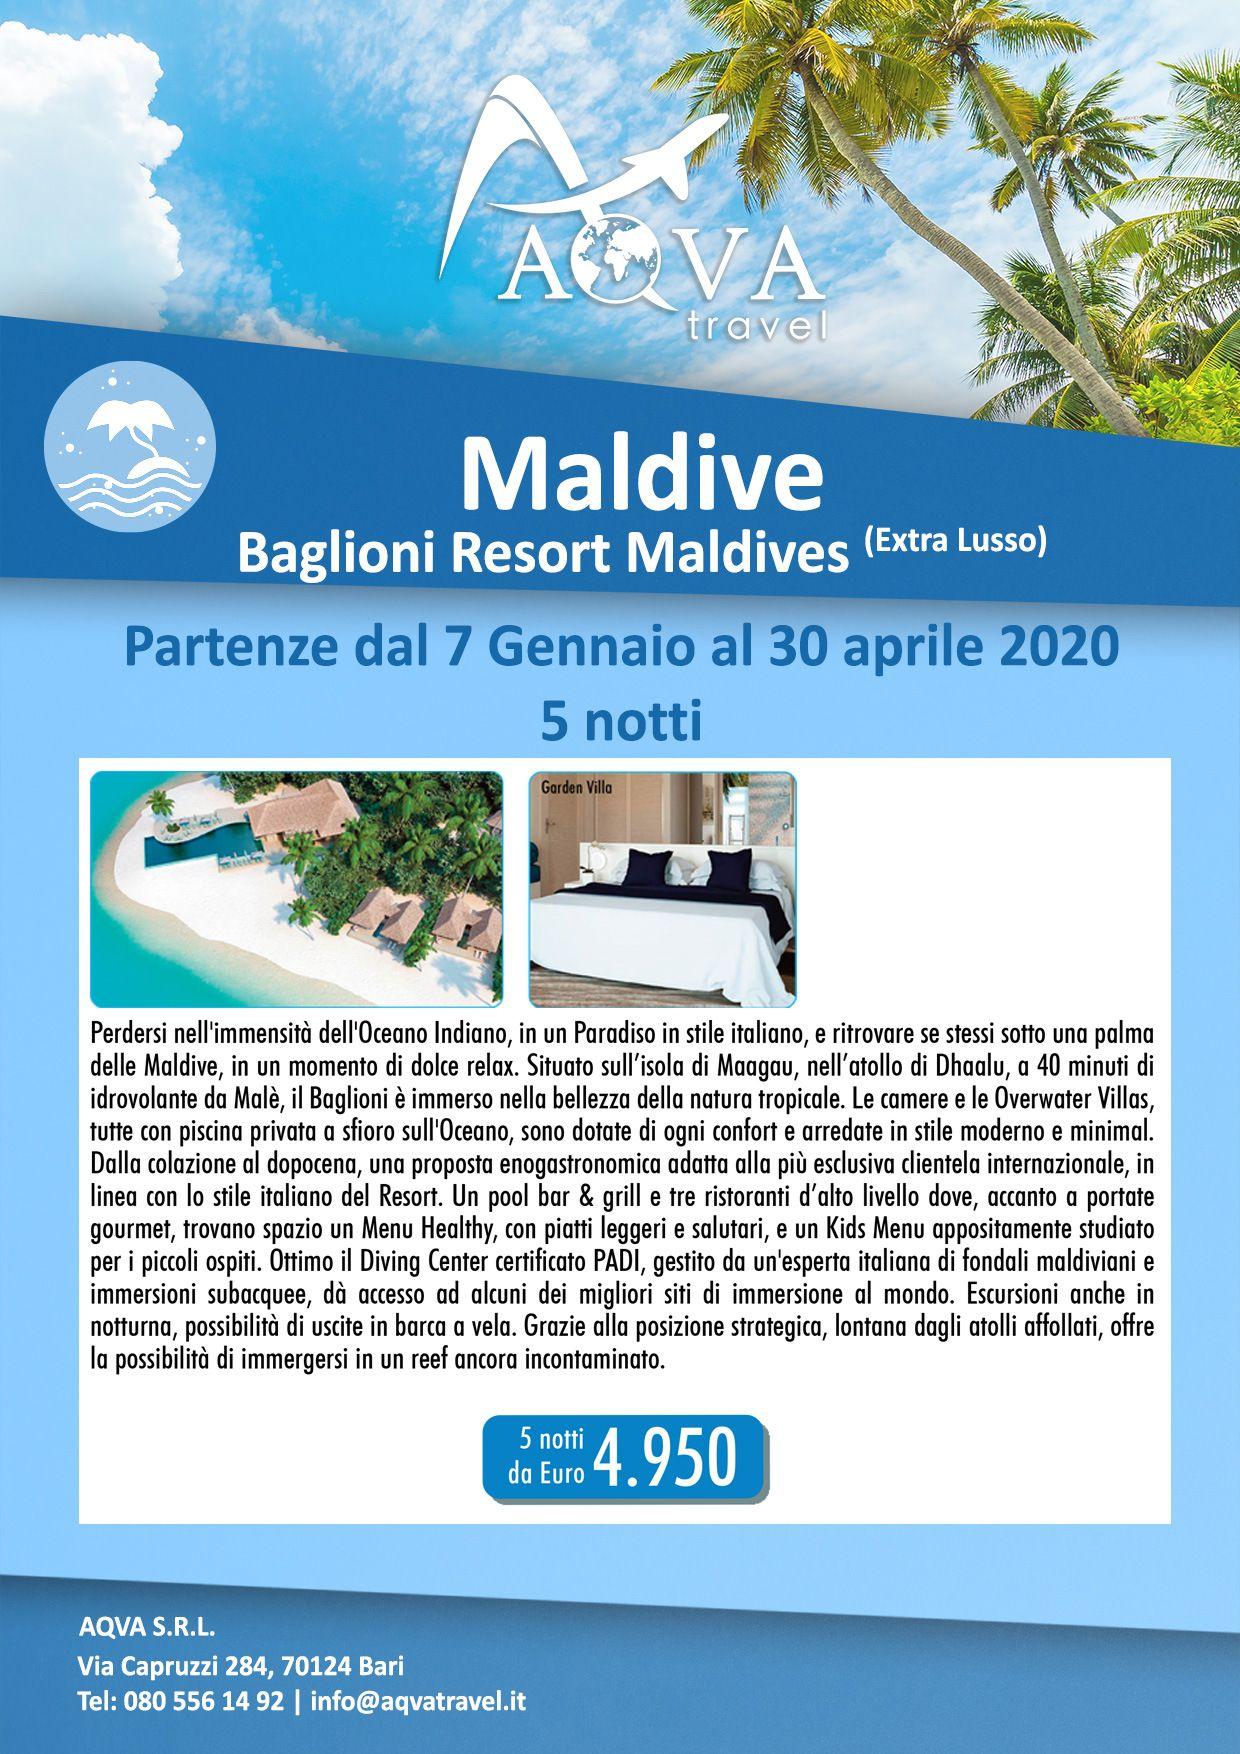 offerte-Maldive agenzia-di-viaggi-Bari-AQVATRAVEL-it